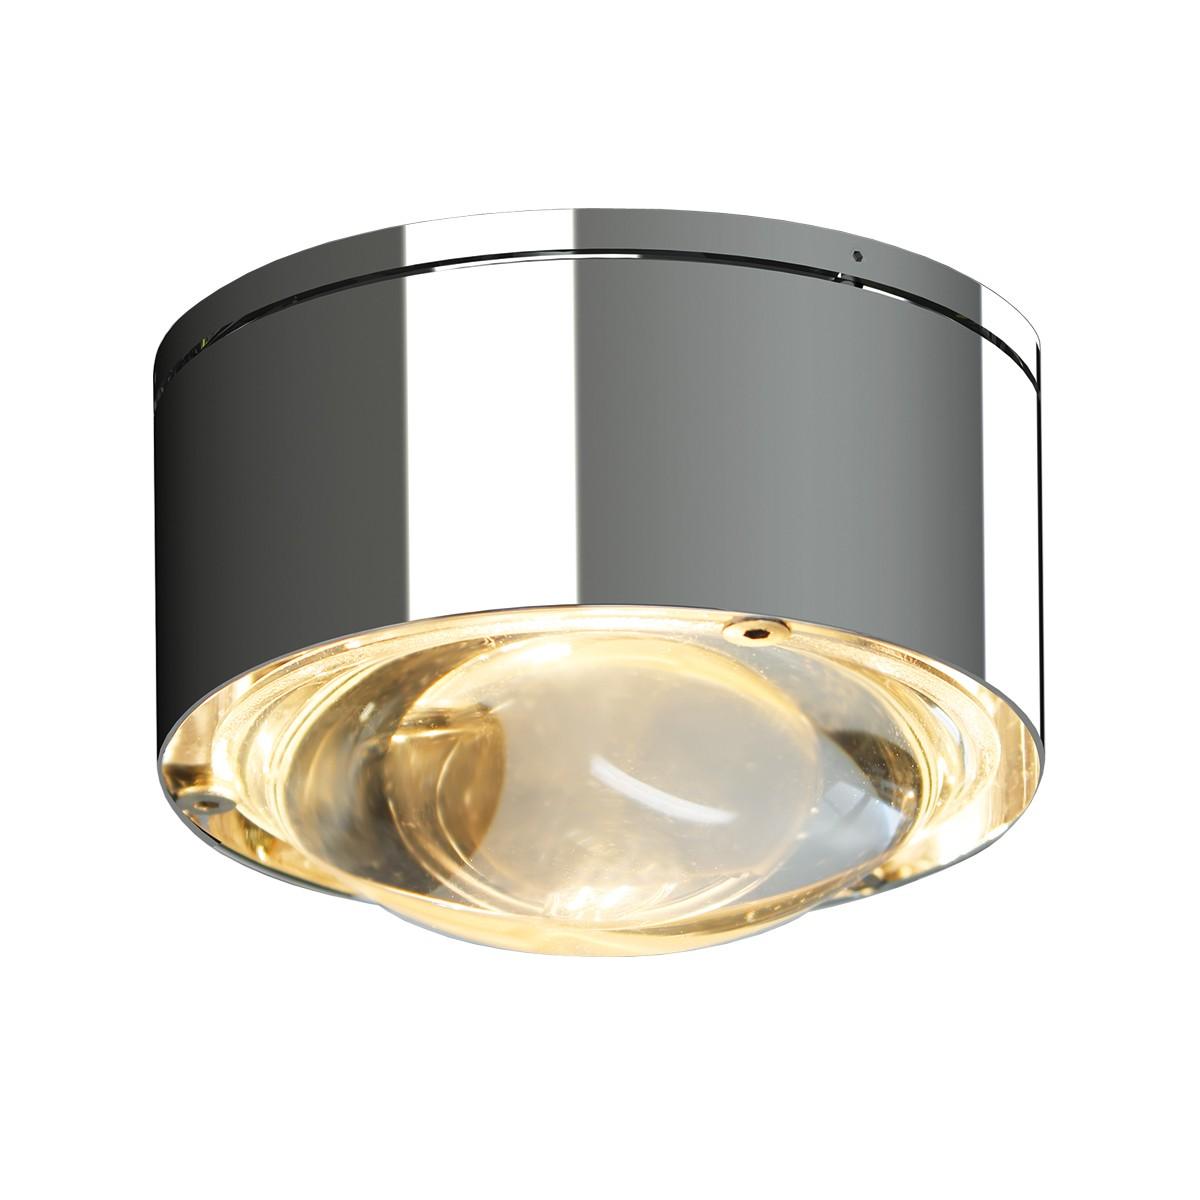 Top Light Puk Maxx One 2 Deckenleuchte, Chrom